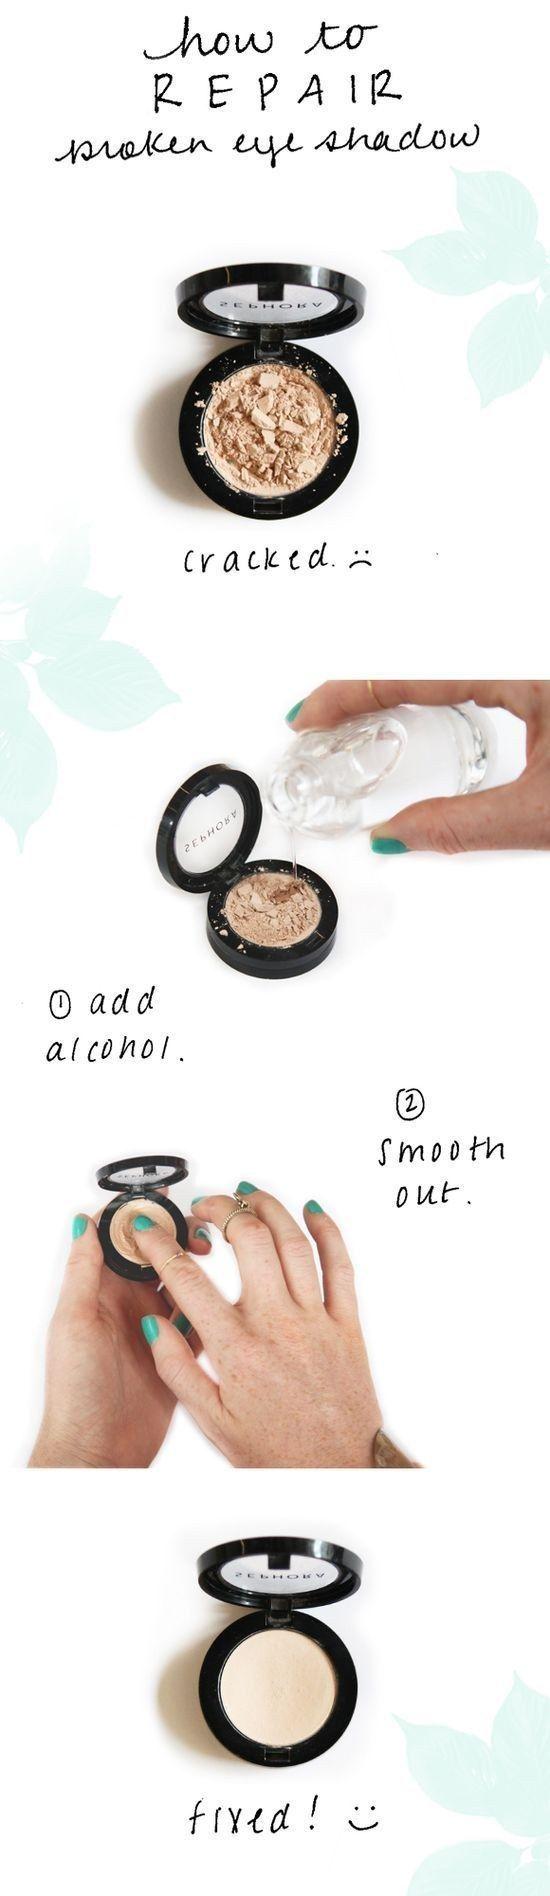 Repara sombras despedazadas con unas cuantas gotas de alcohol. | 18 Trucos geniales para aprovechar hasta la última gota de tu maquillaje